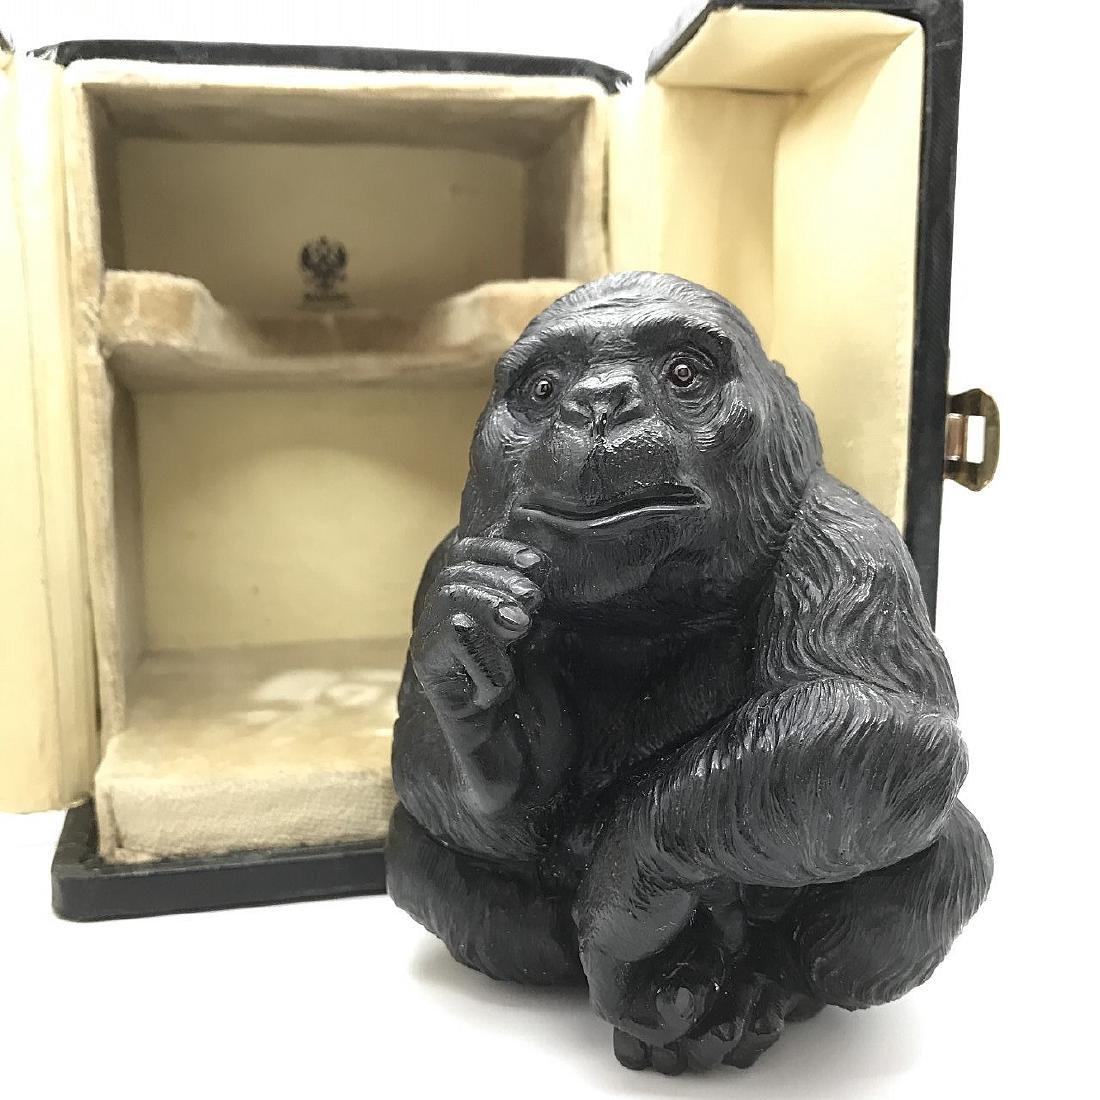 Faberge Black Obsidian Gorilla W/Ruby Eyes in Box